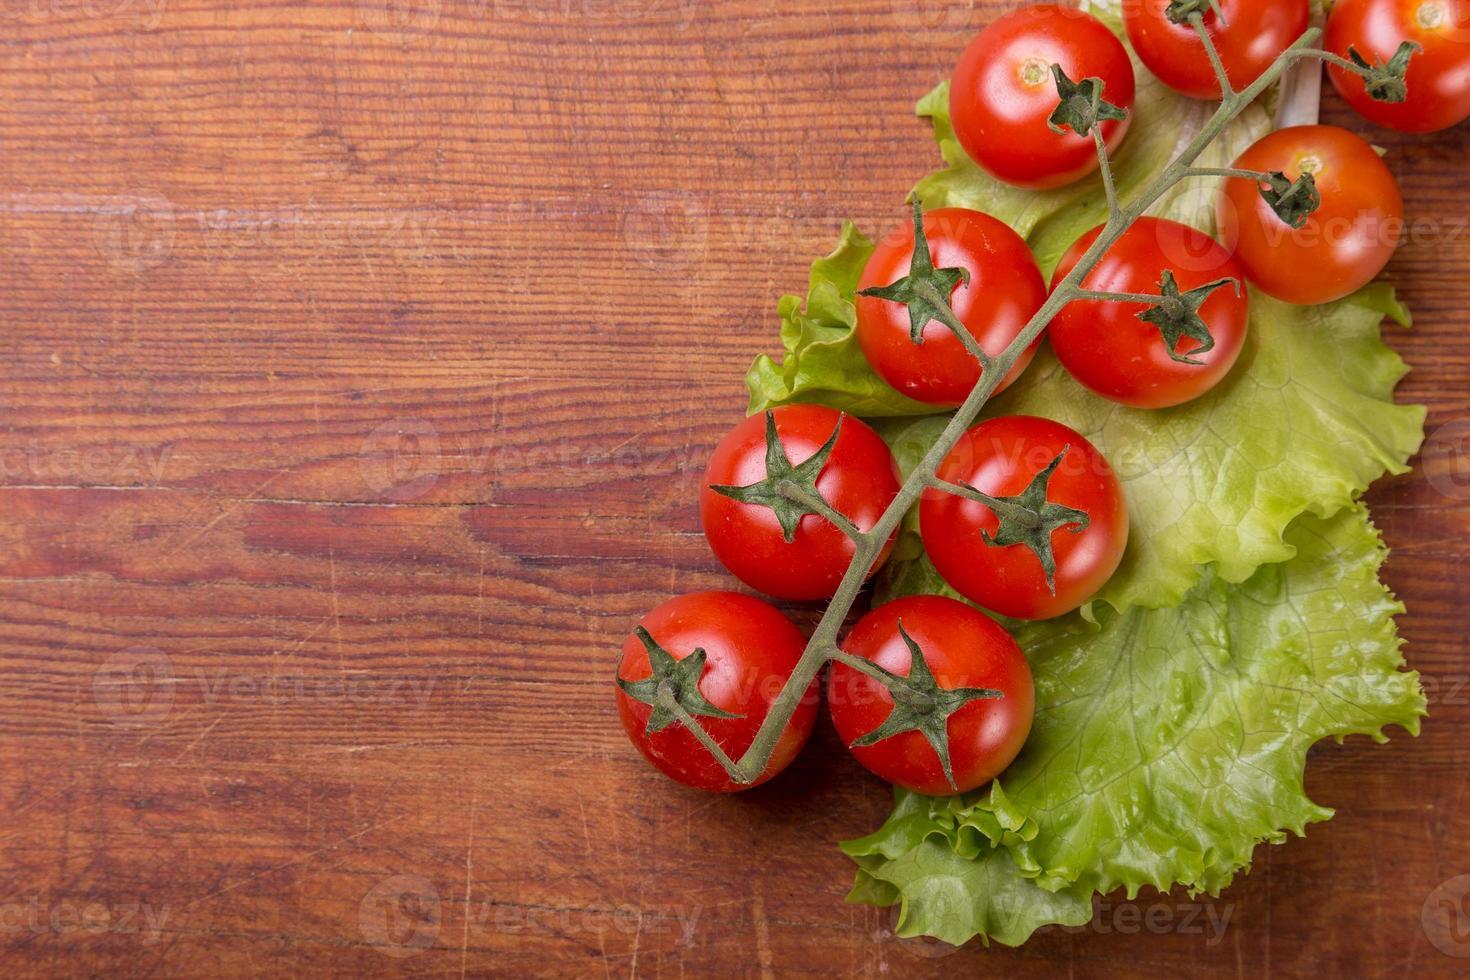 Branche de tomate sur table en bois vintage photo